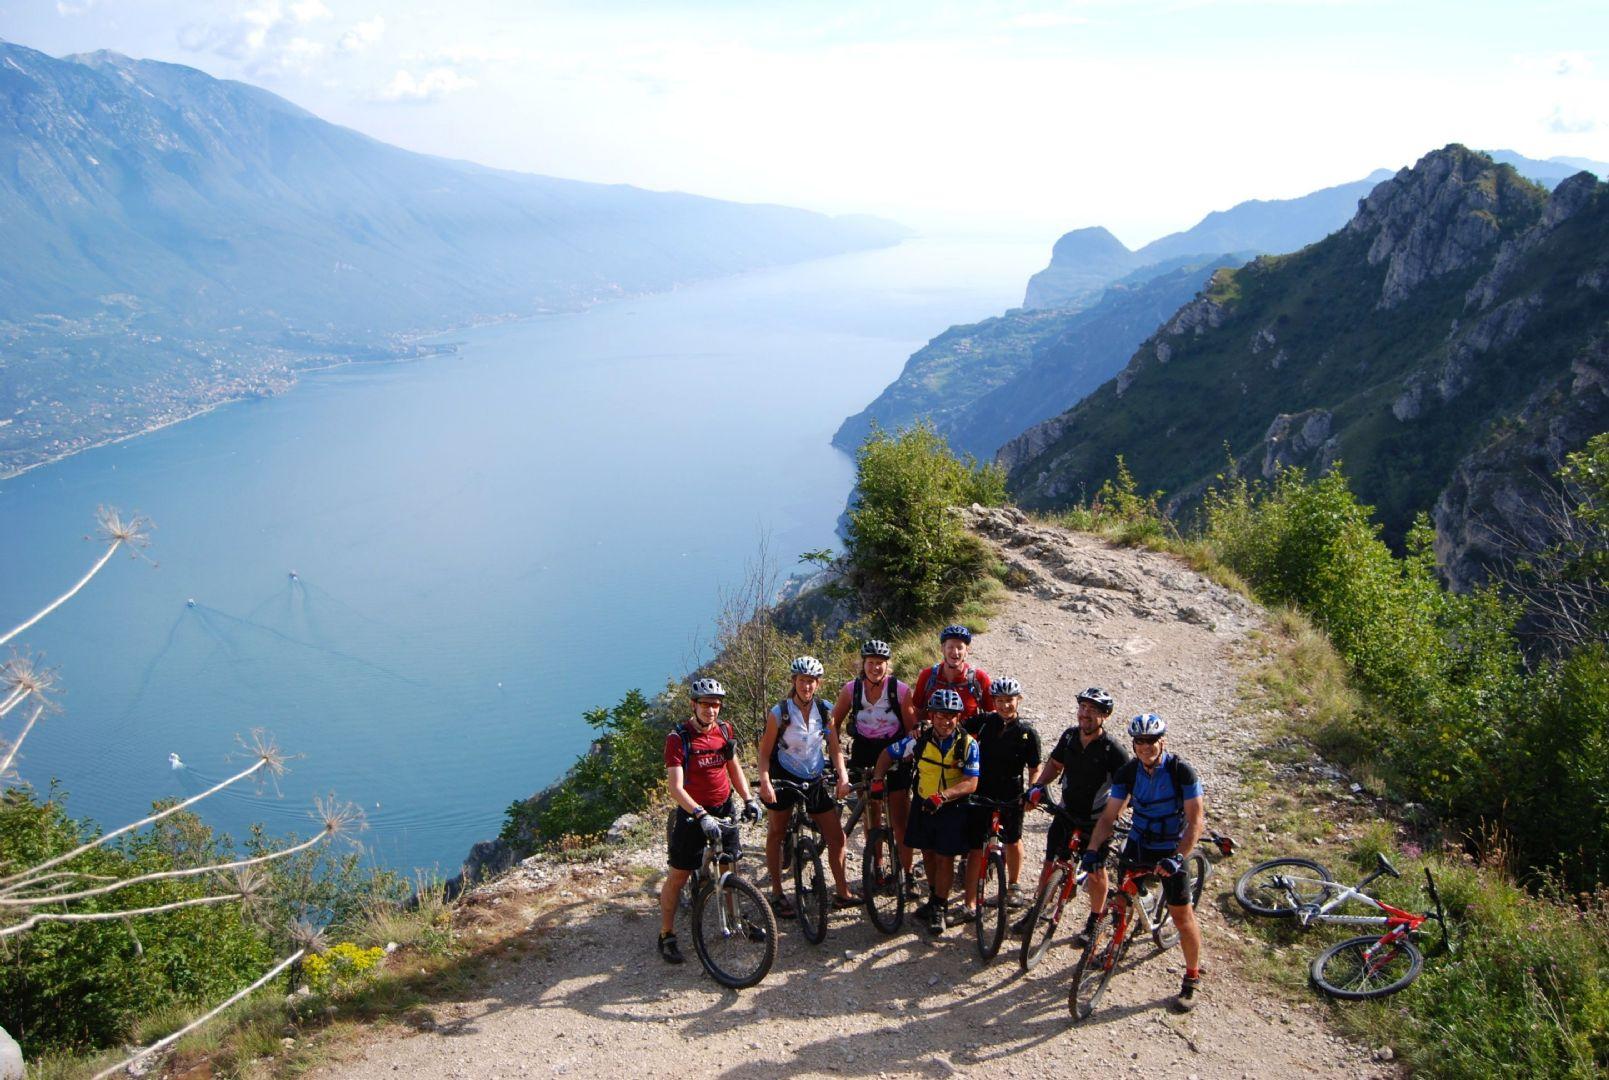 Italy - Dolomites to Garda - Guided Mountain Bike Holiday - Italia Mountain Biking